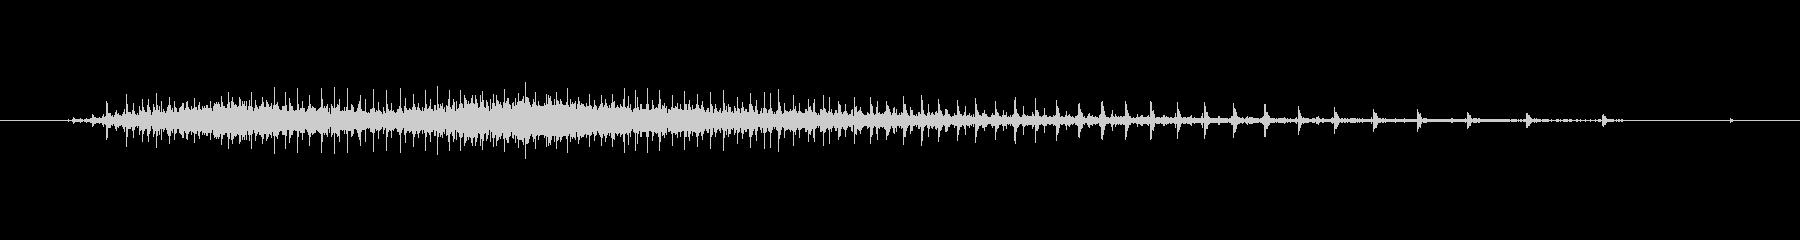 工業 ロックドリルチゼルバーストア...の未再生の波形